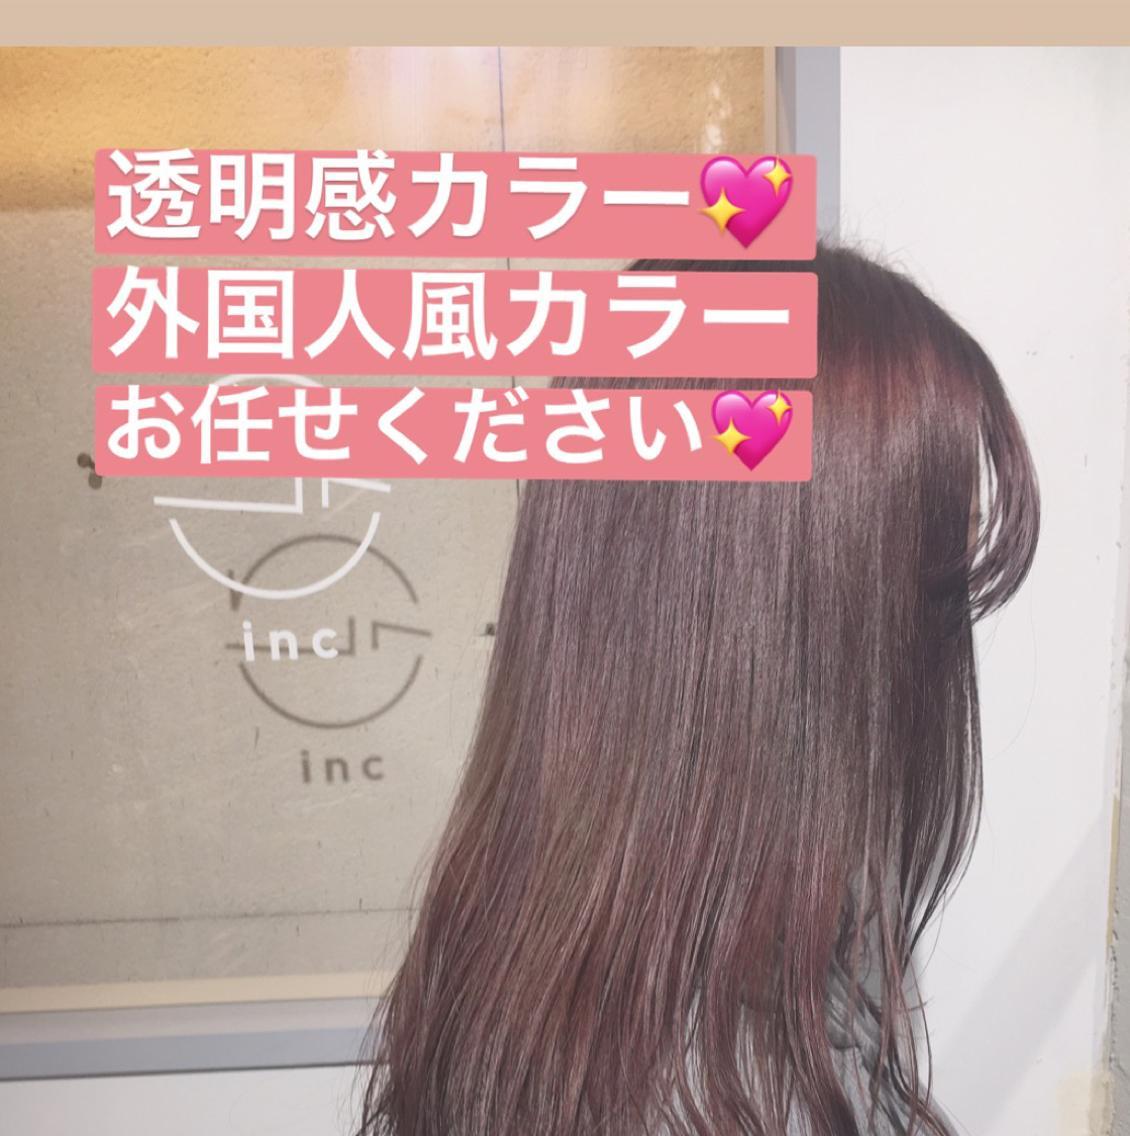 必ず可愛くします💖透明感のあるカラー💖暗くしなきゃだけど綺麗な色にという方も💖髪質改善トリートメントあります💖